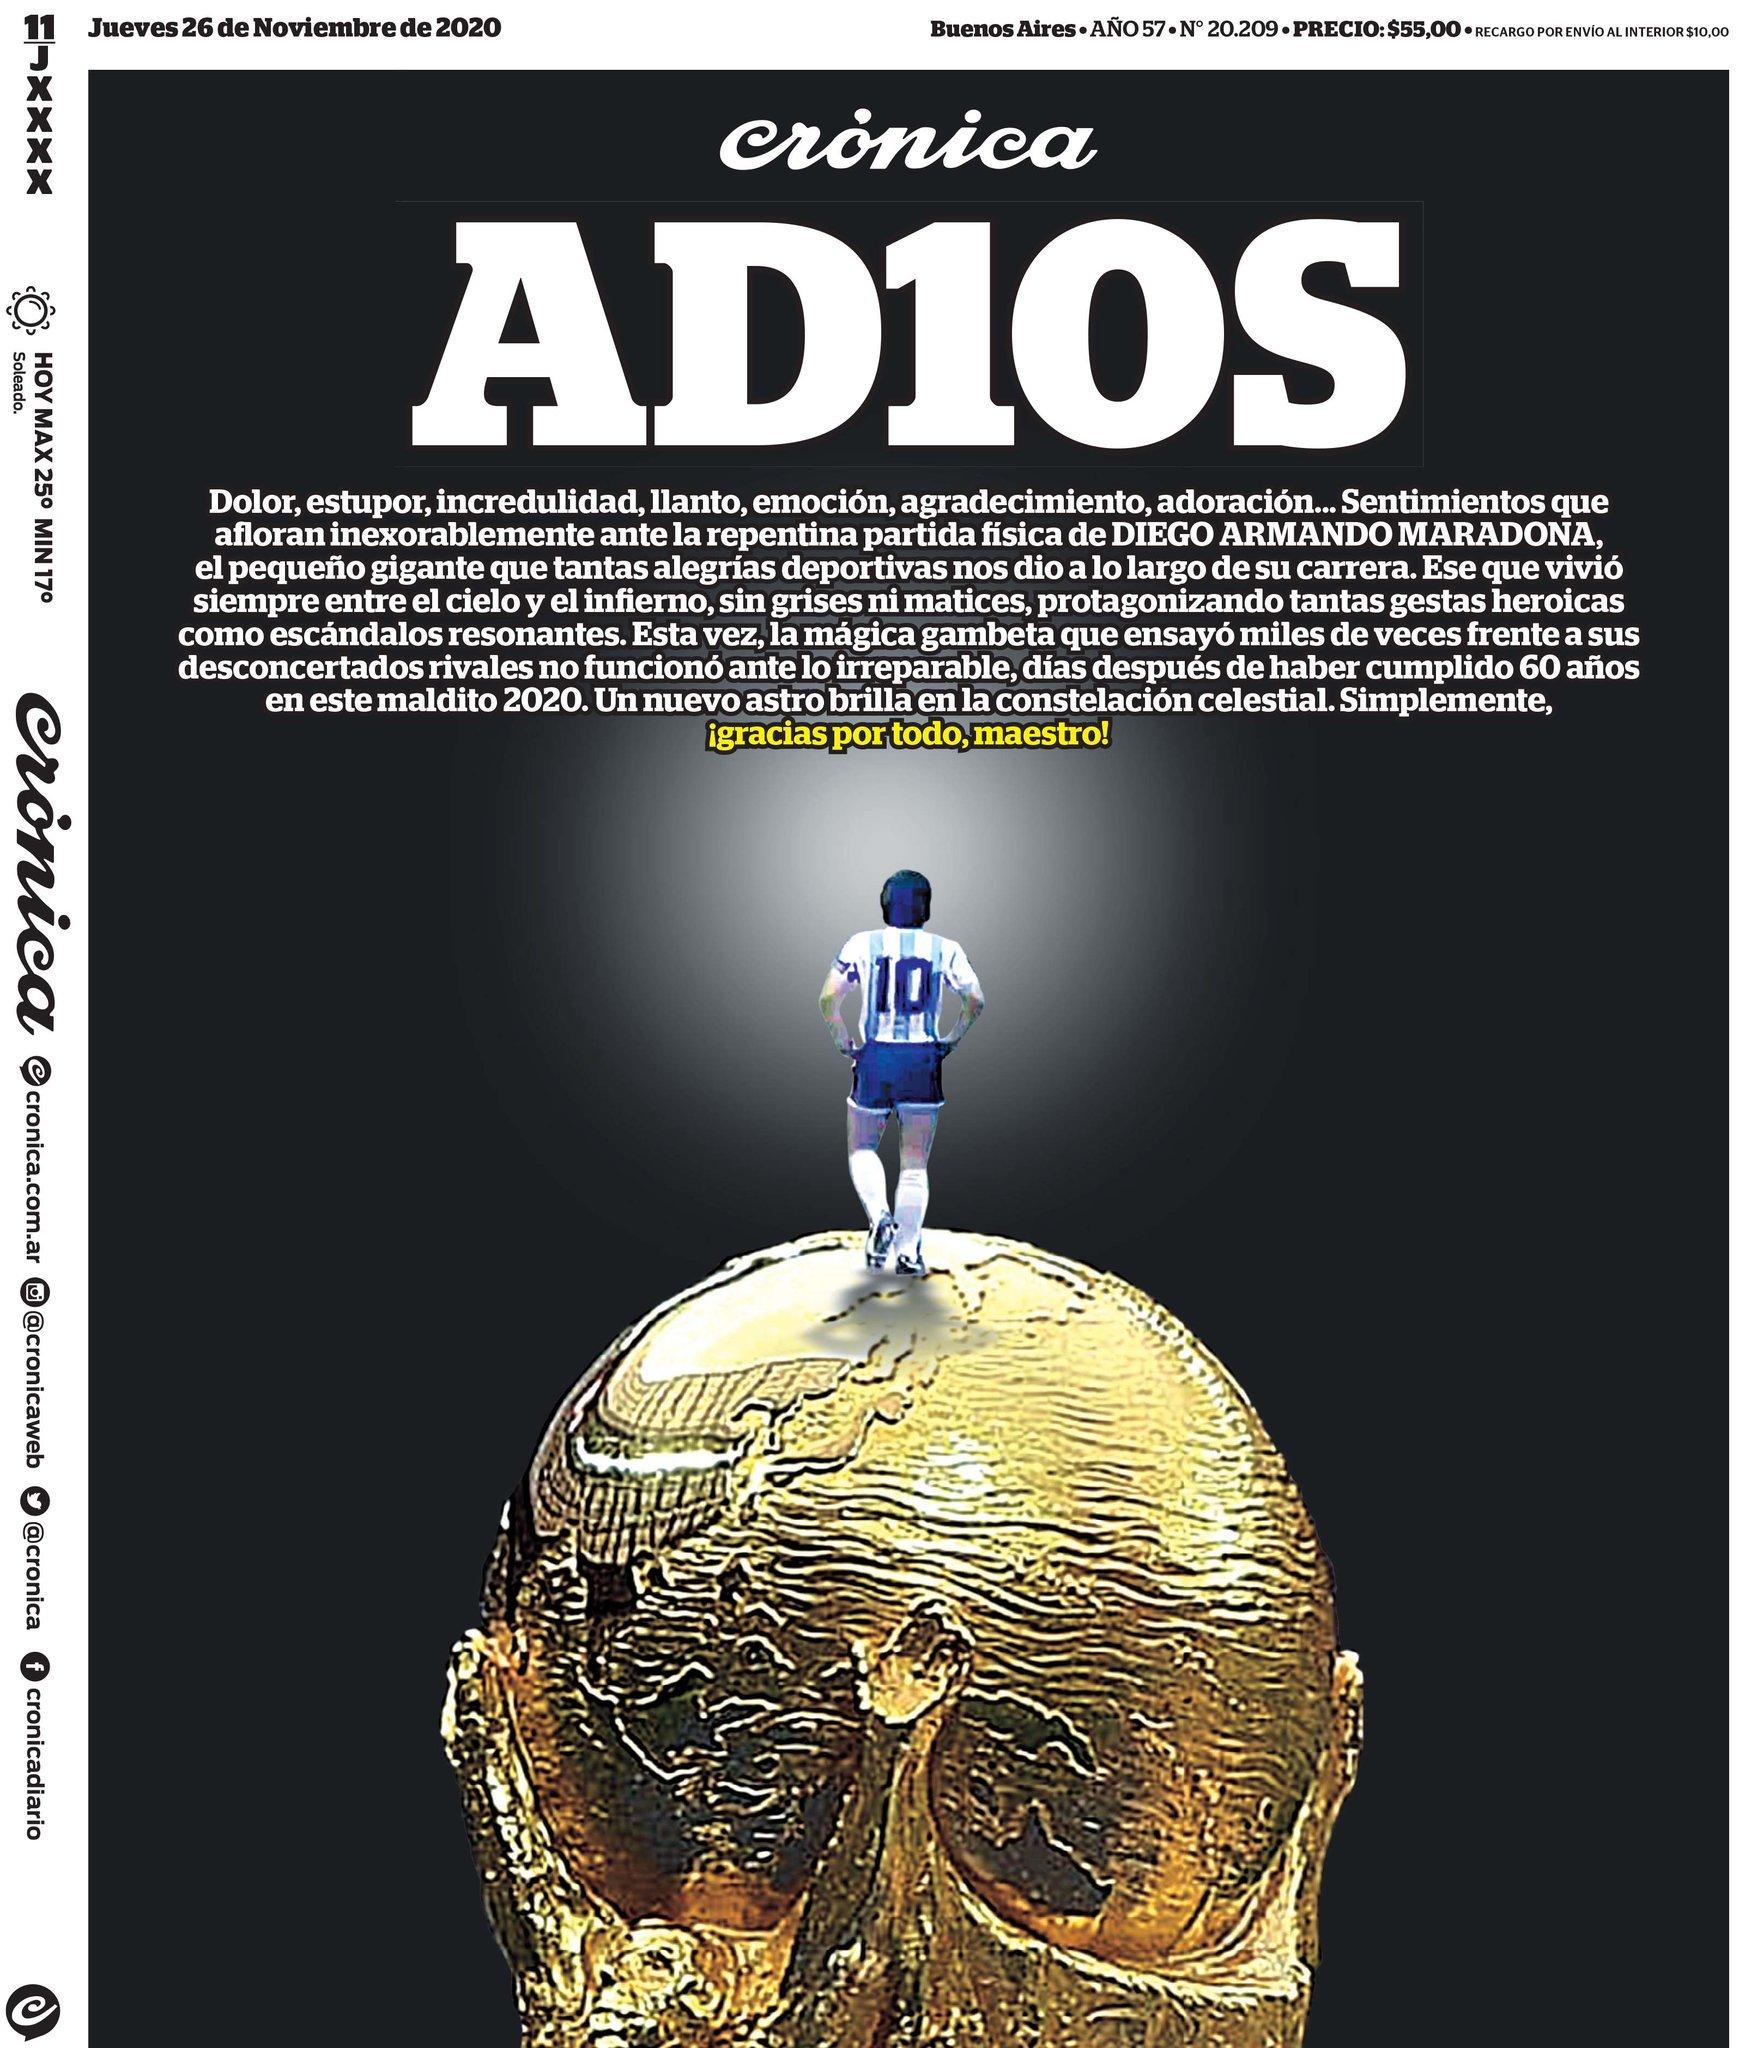 Fallece Diego Armando Maradona al sufrir un paro cardíaco  16063860206434